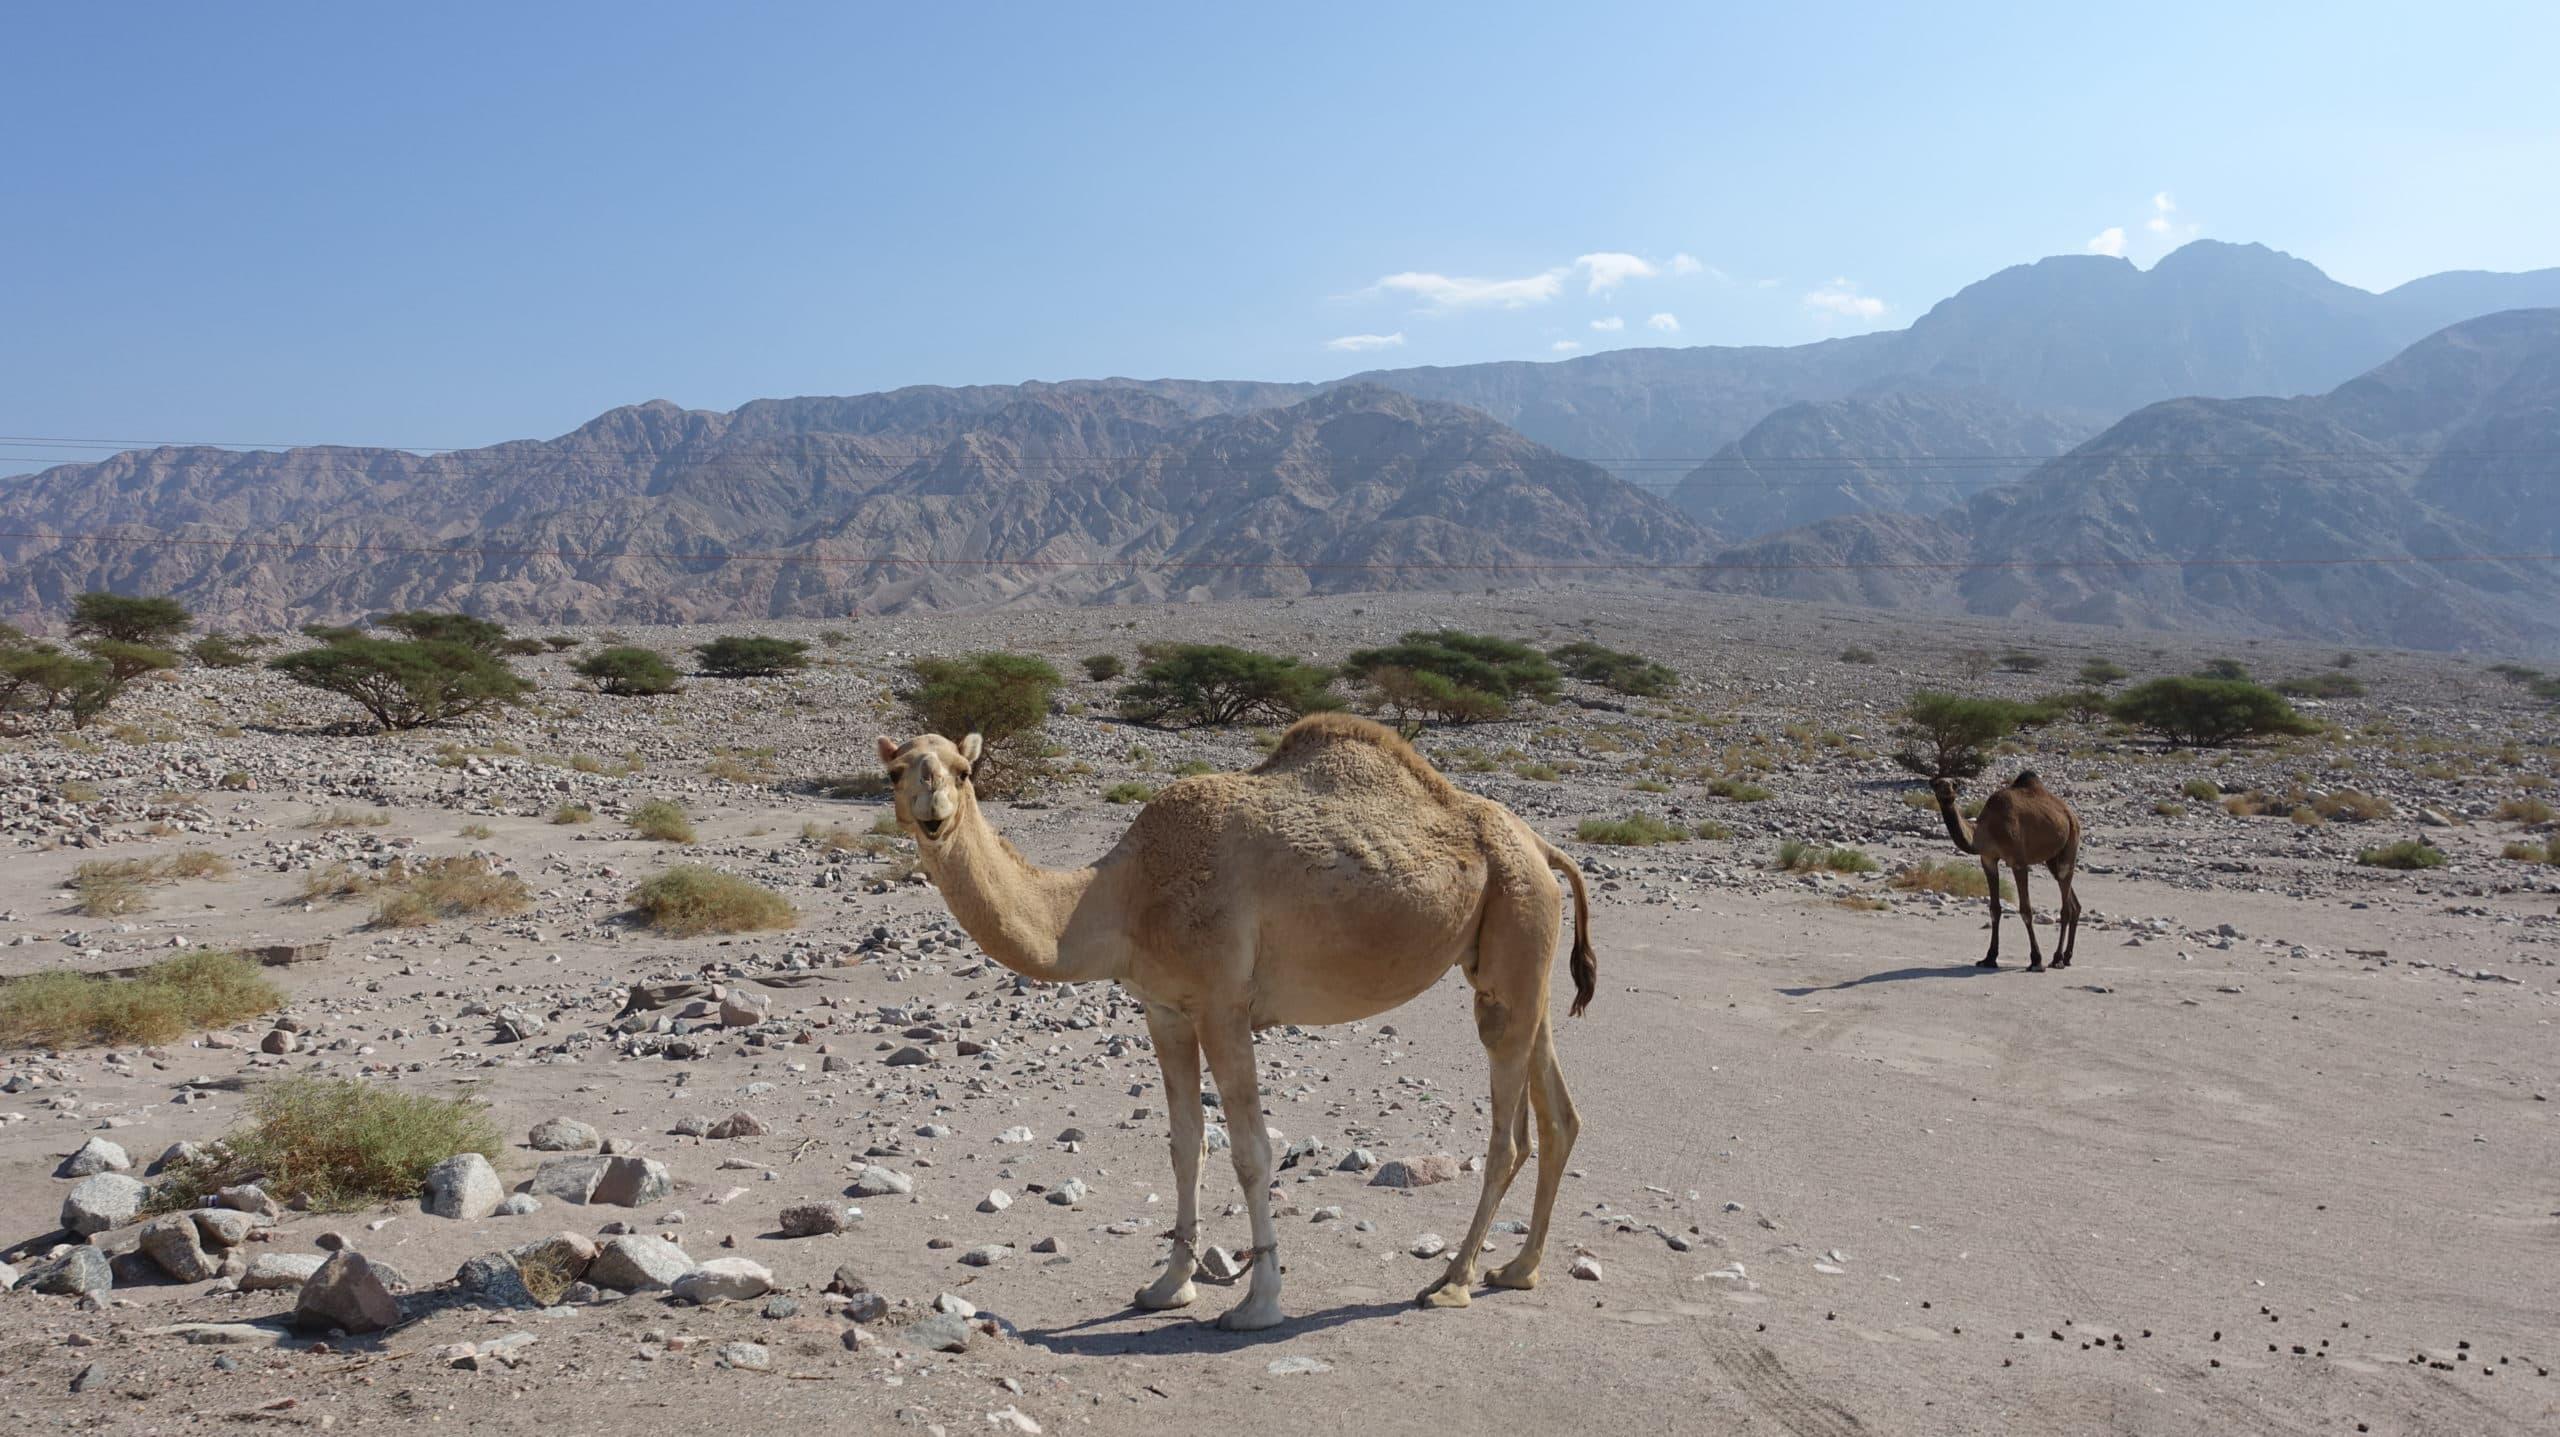 In Jordaninen kann man am Wegesrand schon mal überraschend Kamele antreffen.